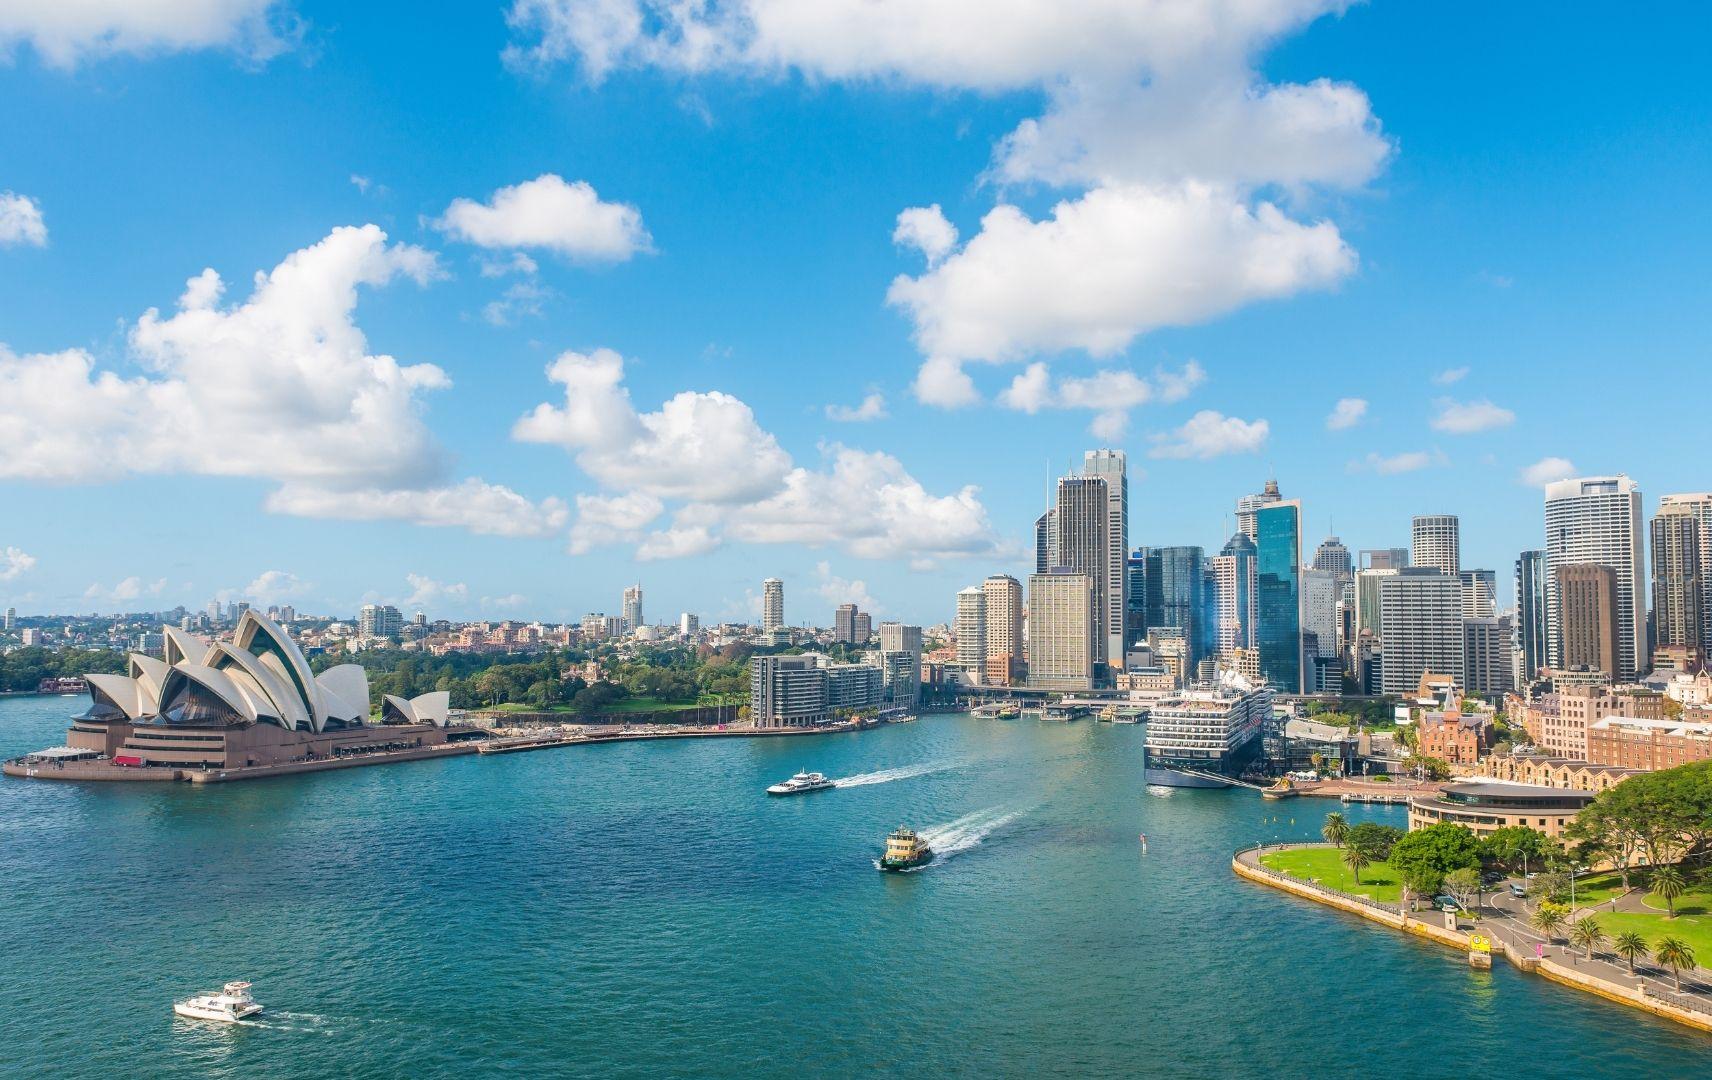 Fernreise Australien - Sydney Skyline